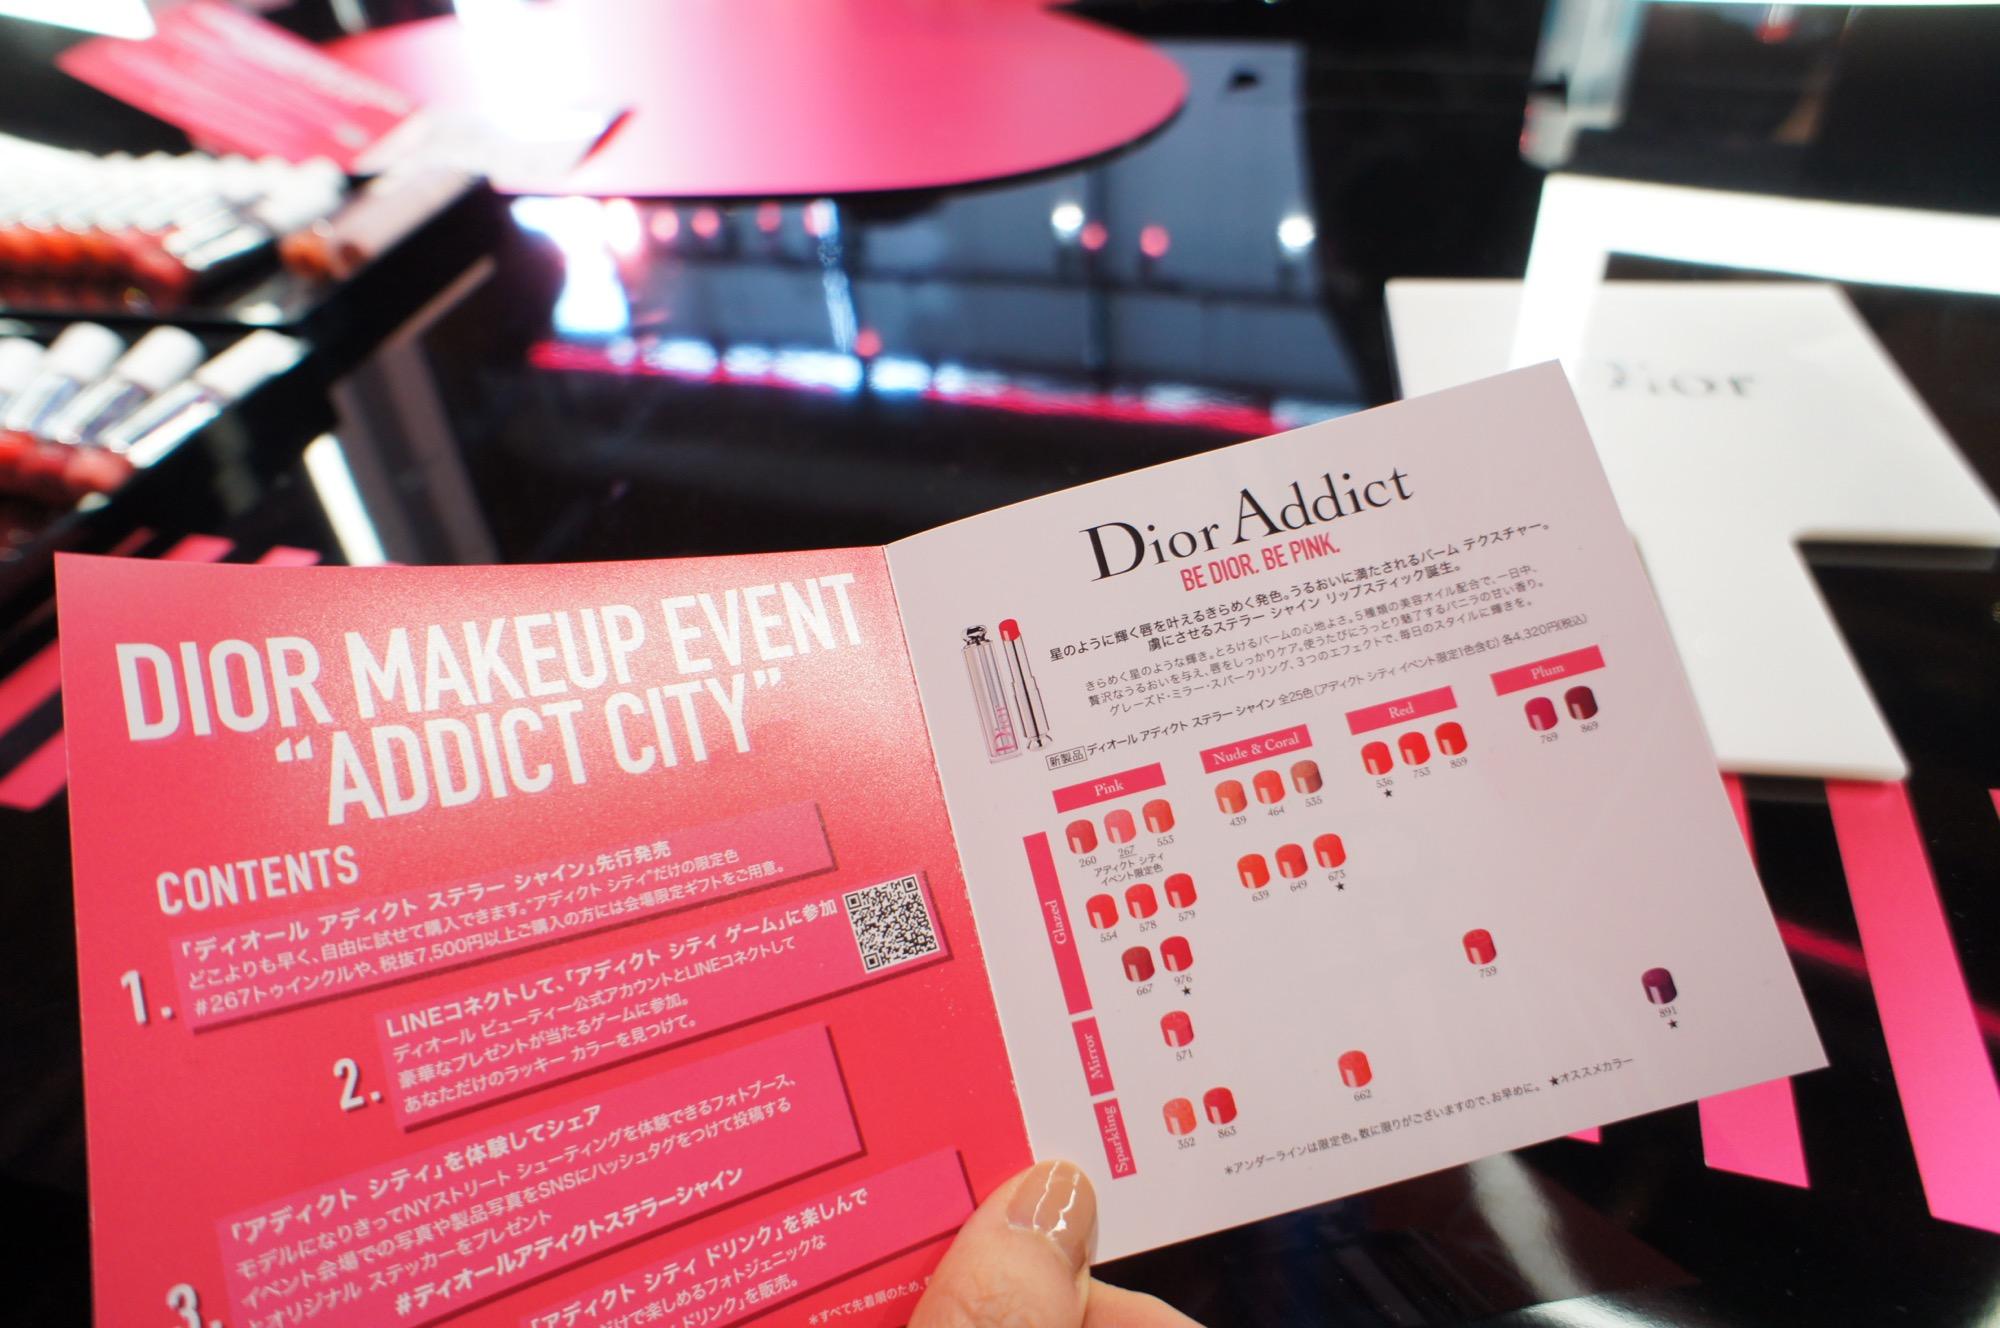 """《豪華お土産付き❤️》大満足!【Dior】メイクアップイベント""""ADDICT CITY""""に行ってきました☻_4"""